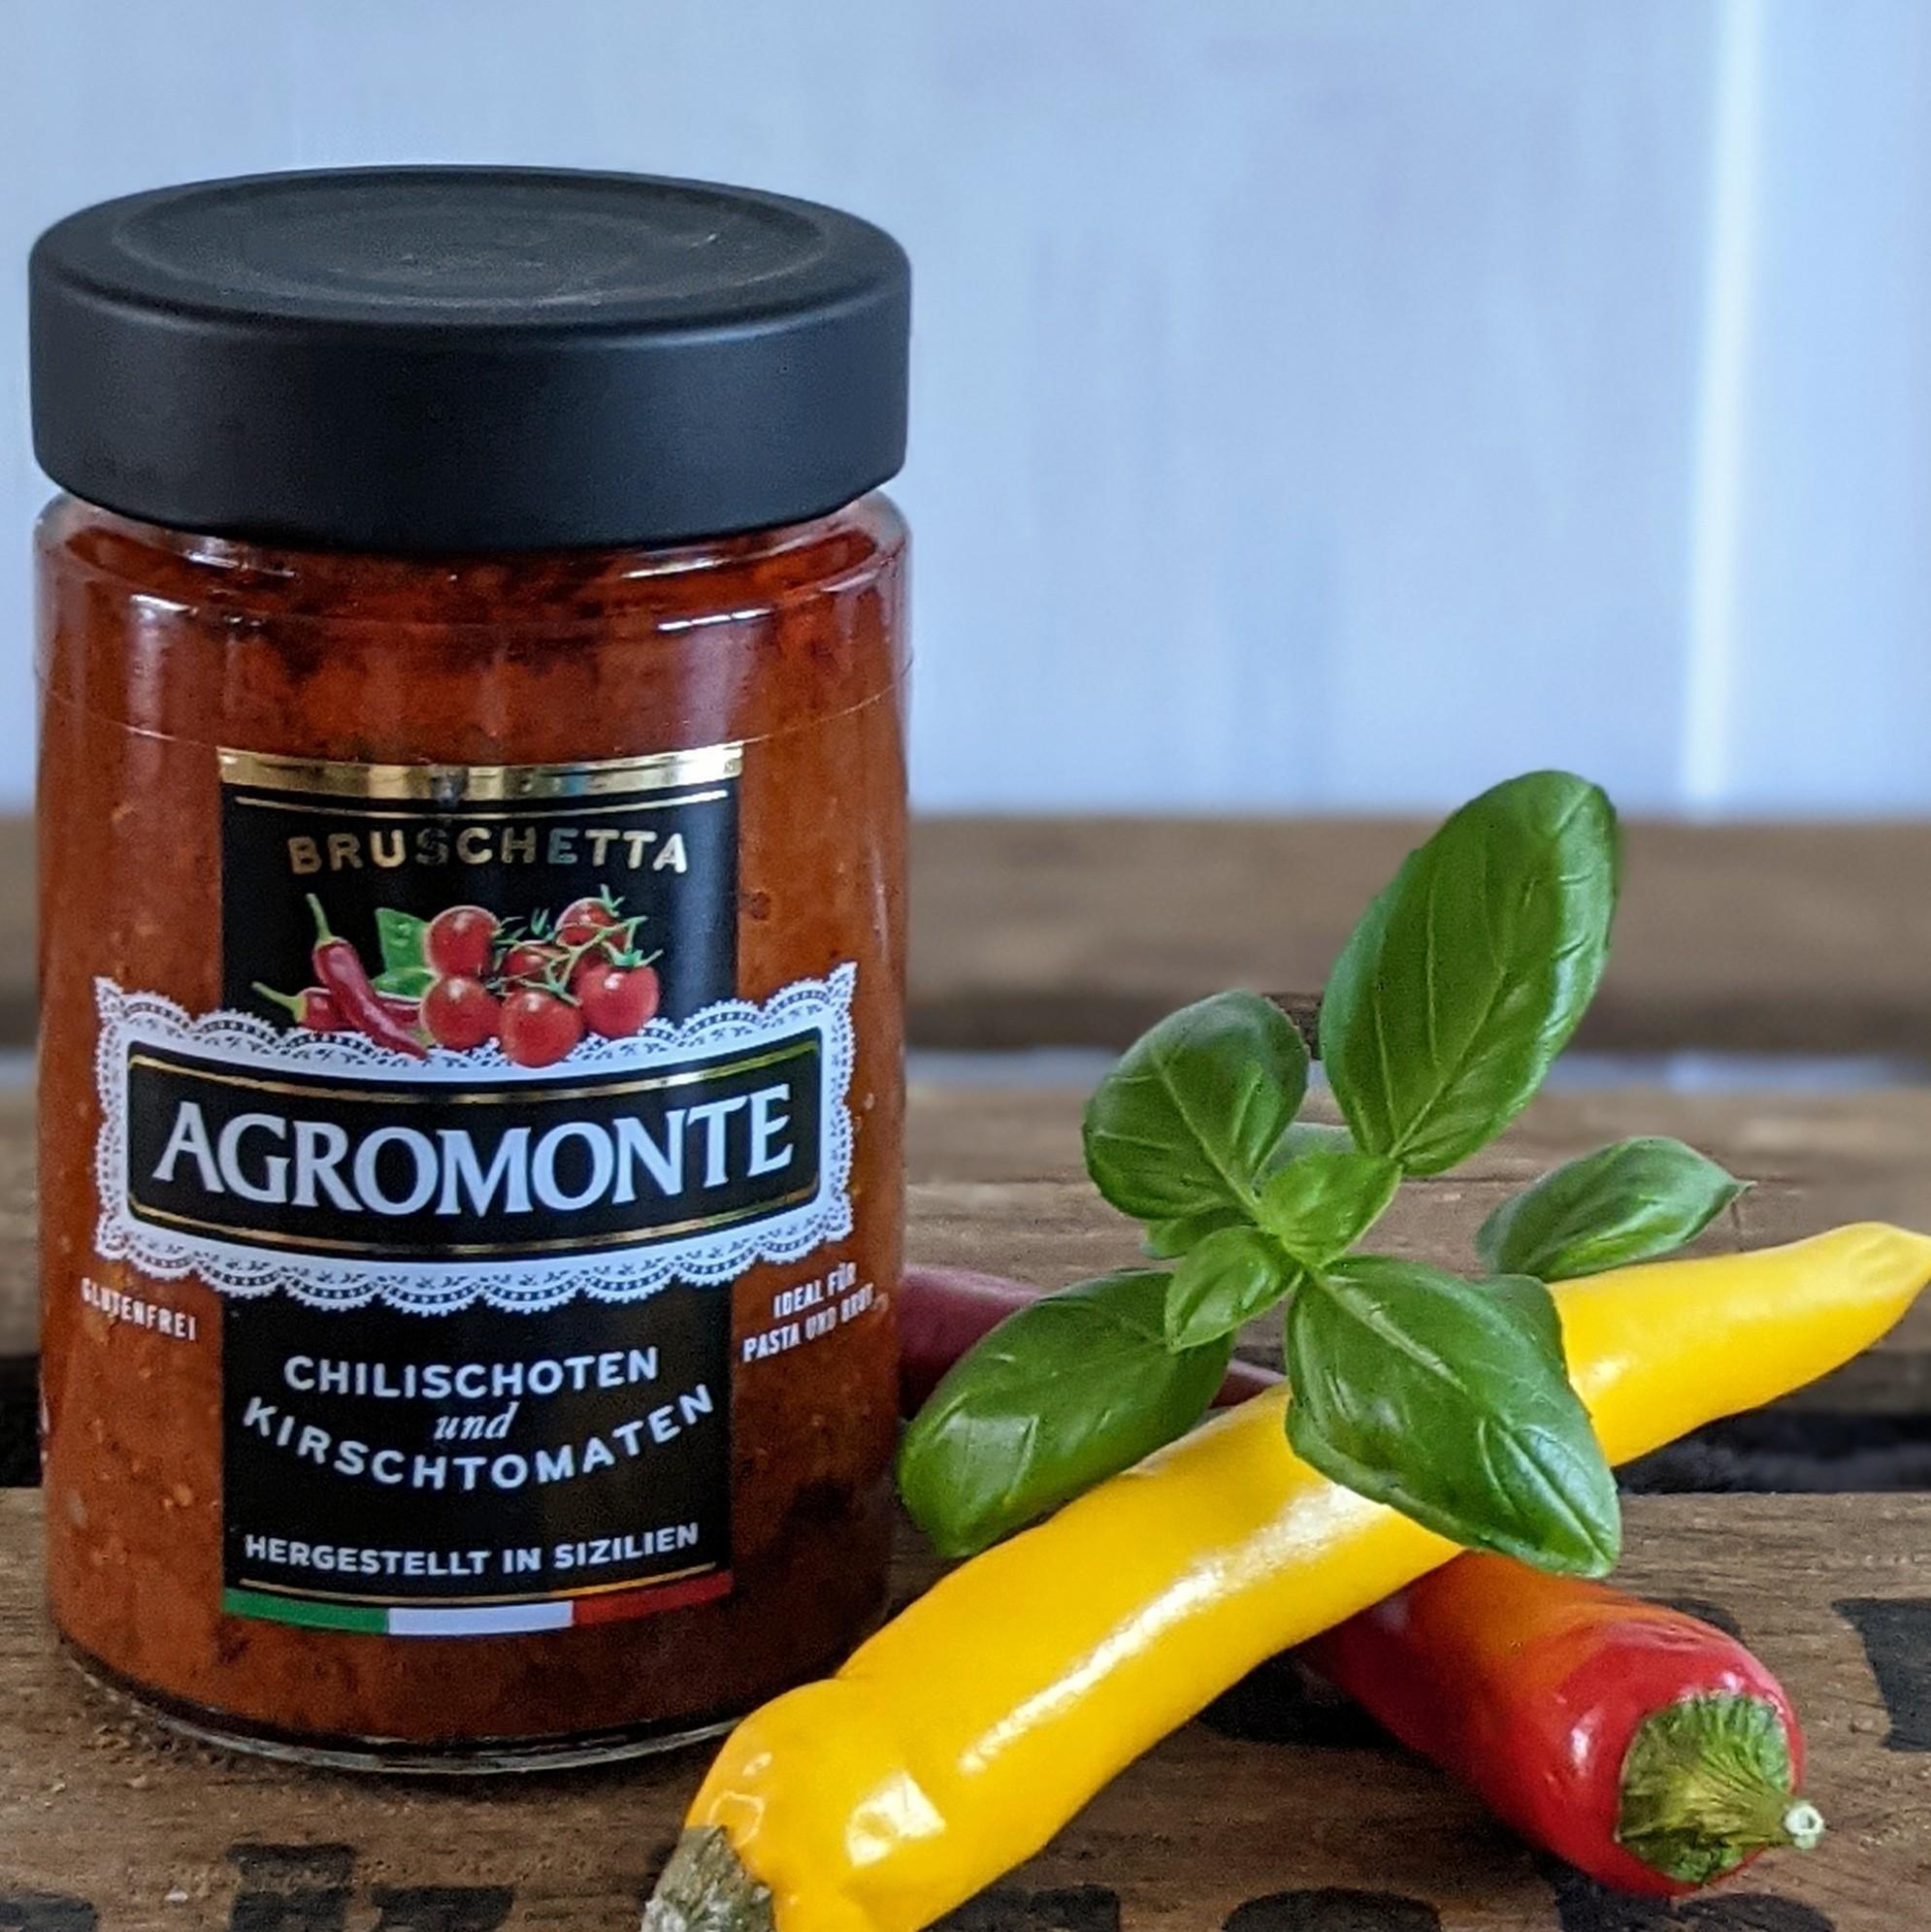 Agromonte Chilischoten und Kirschtomaten 200g